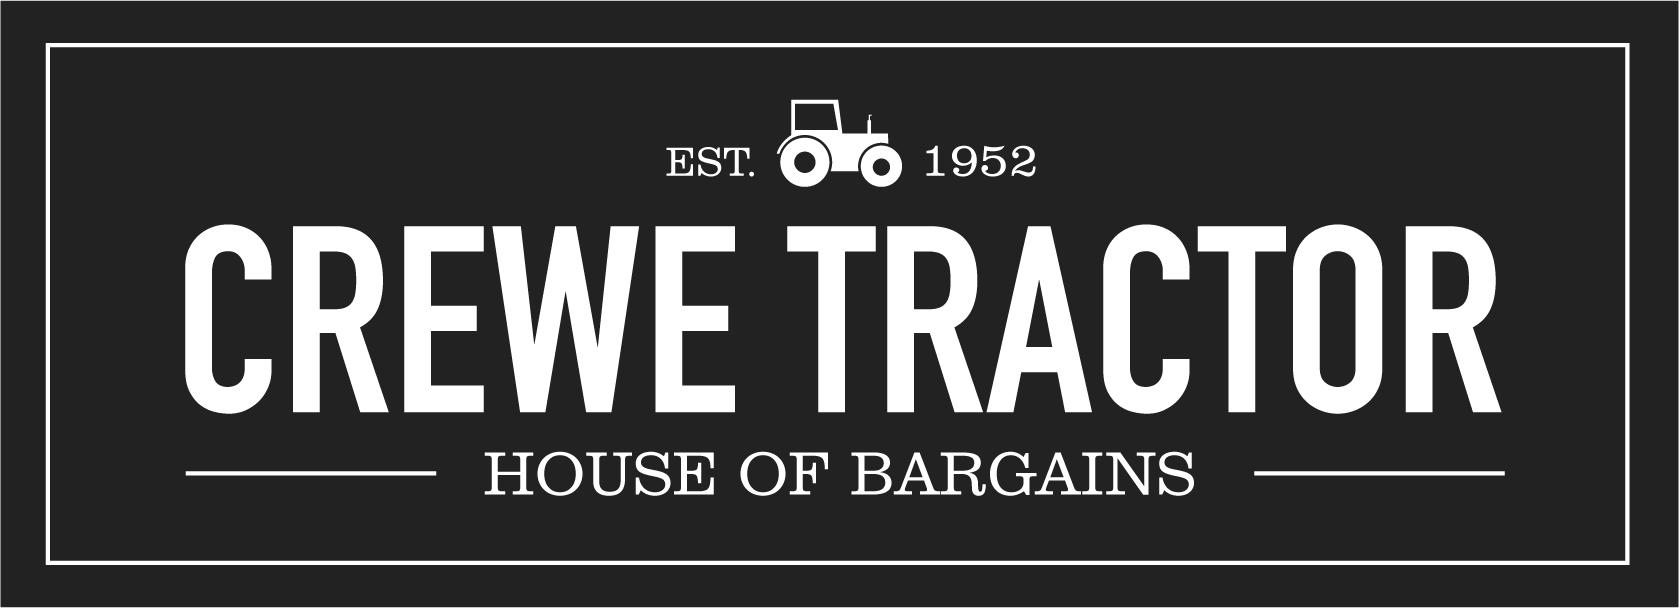 Crewe Tractor